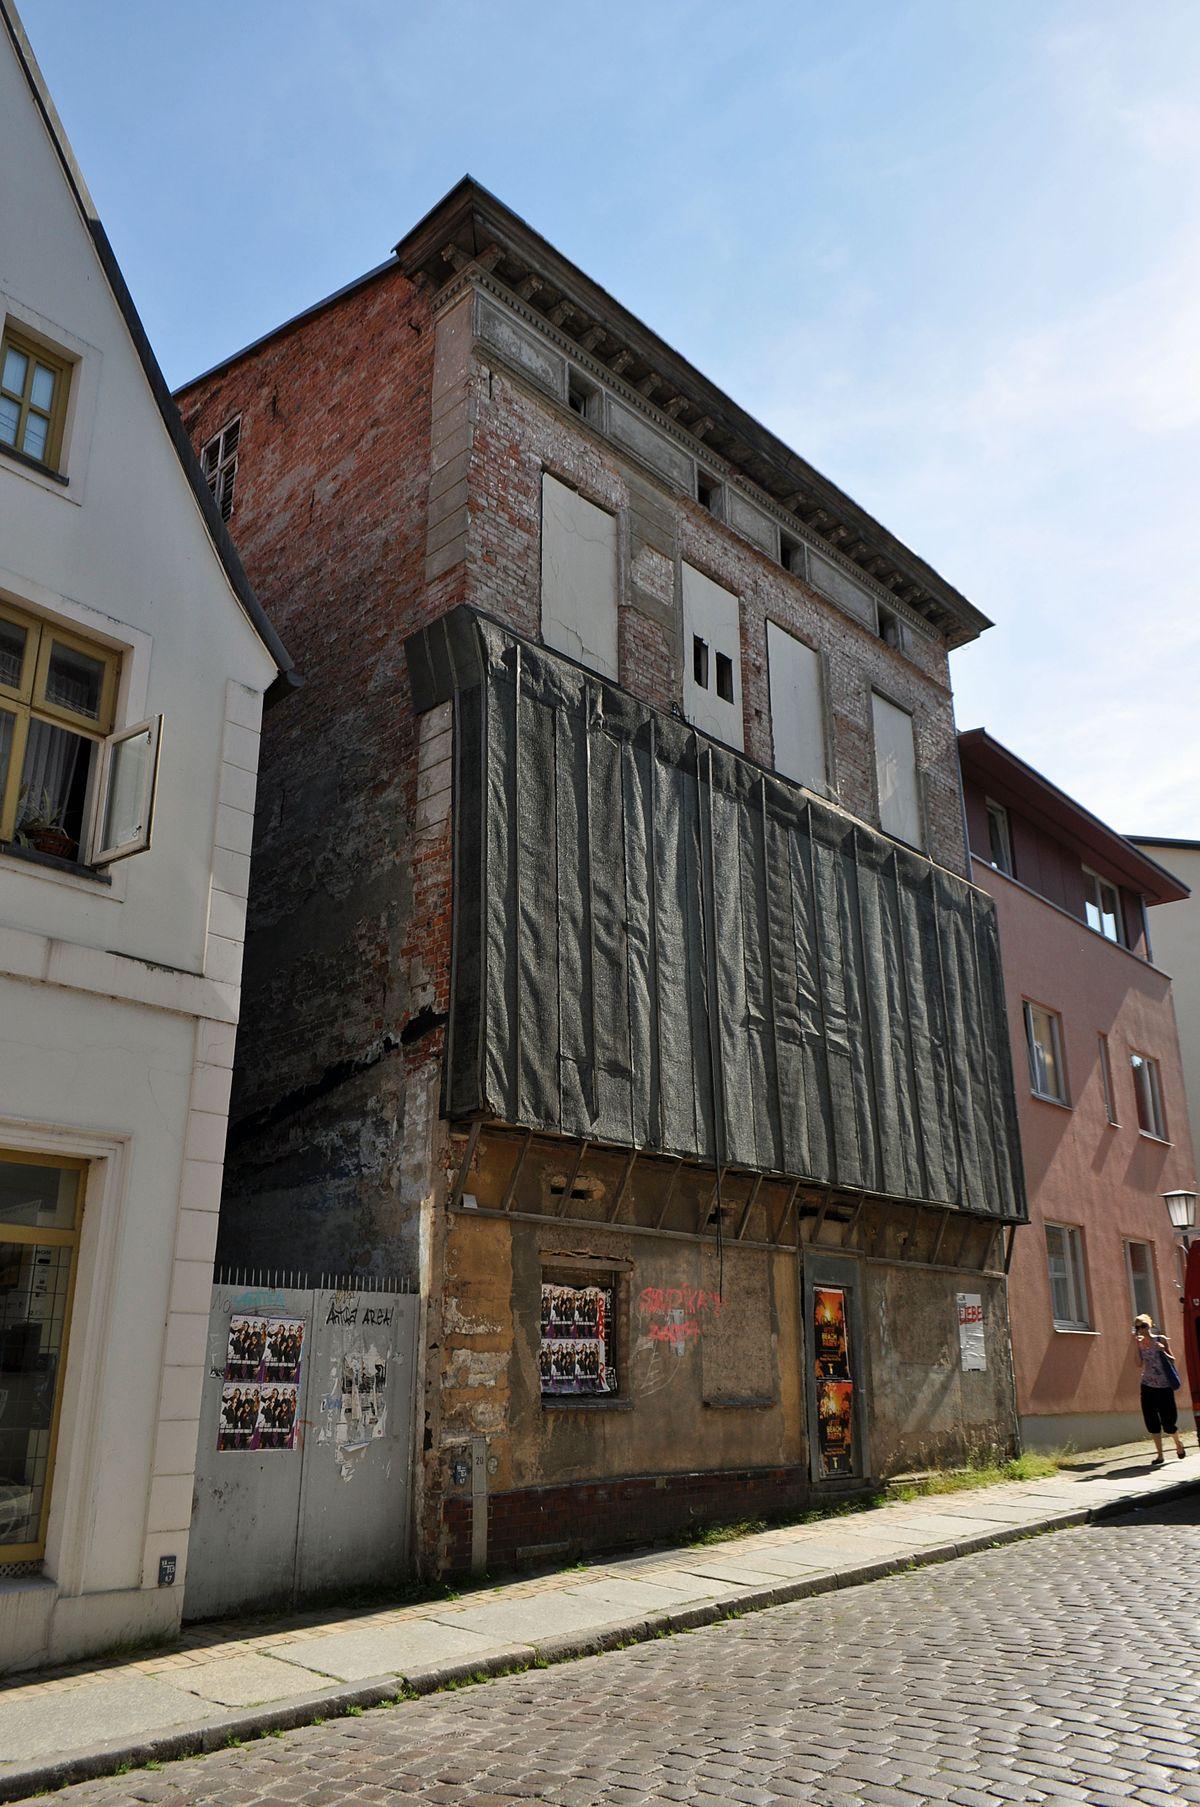 Kino Stralsund